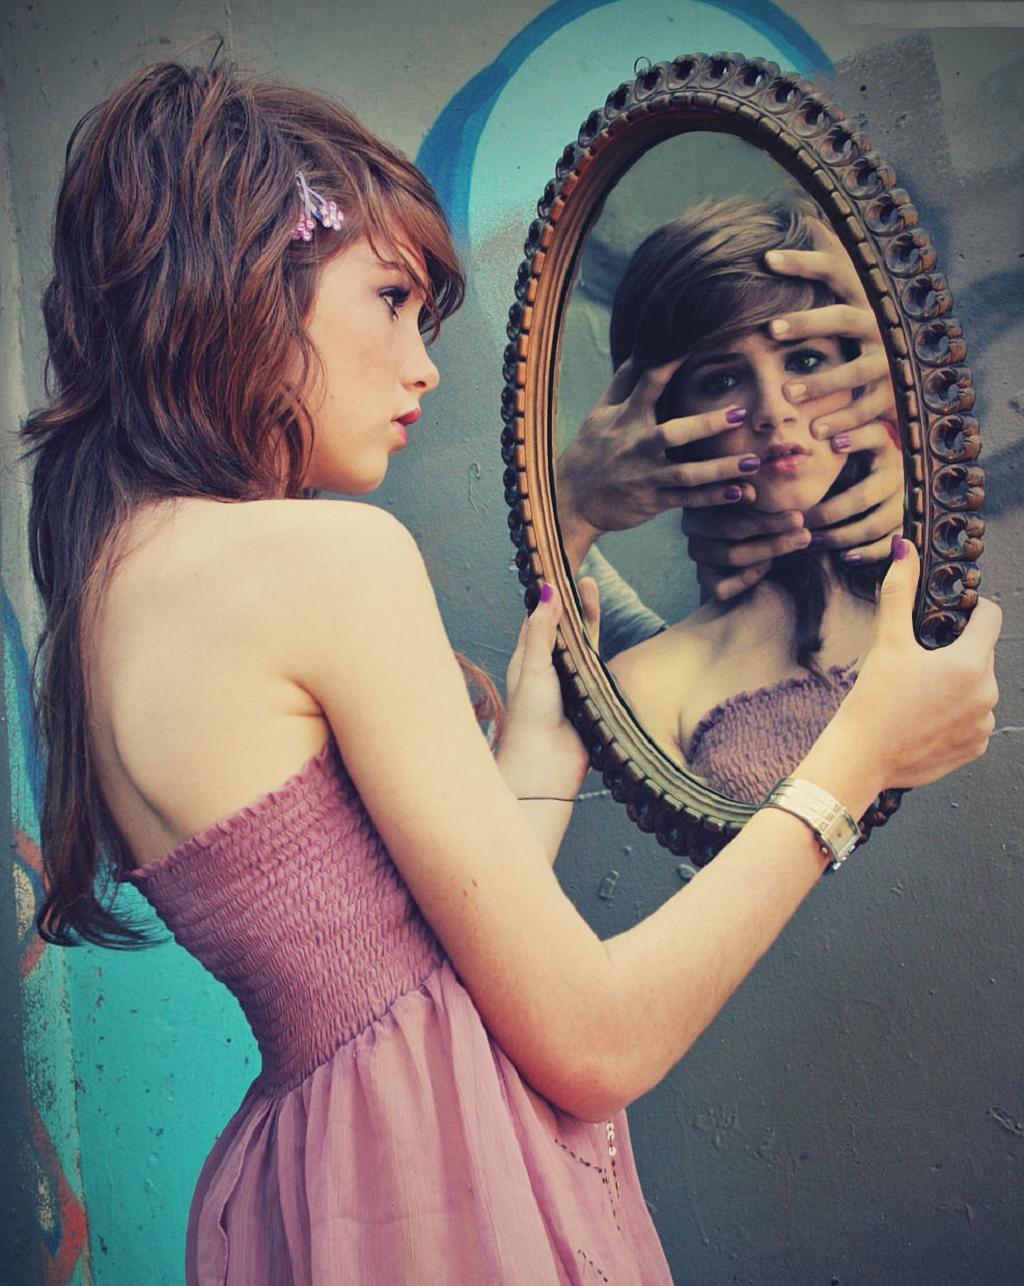 Фото как девушка смотрит на себя в зеркало